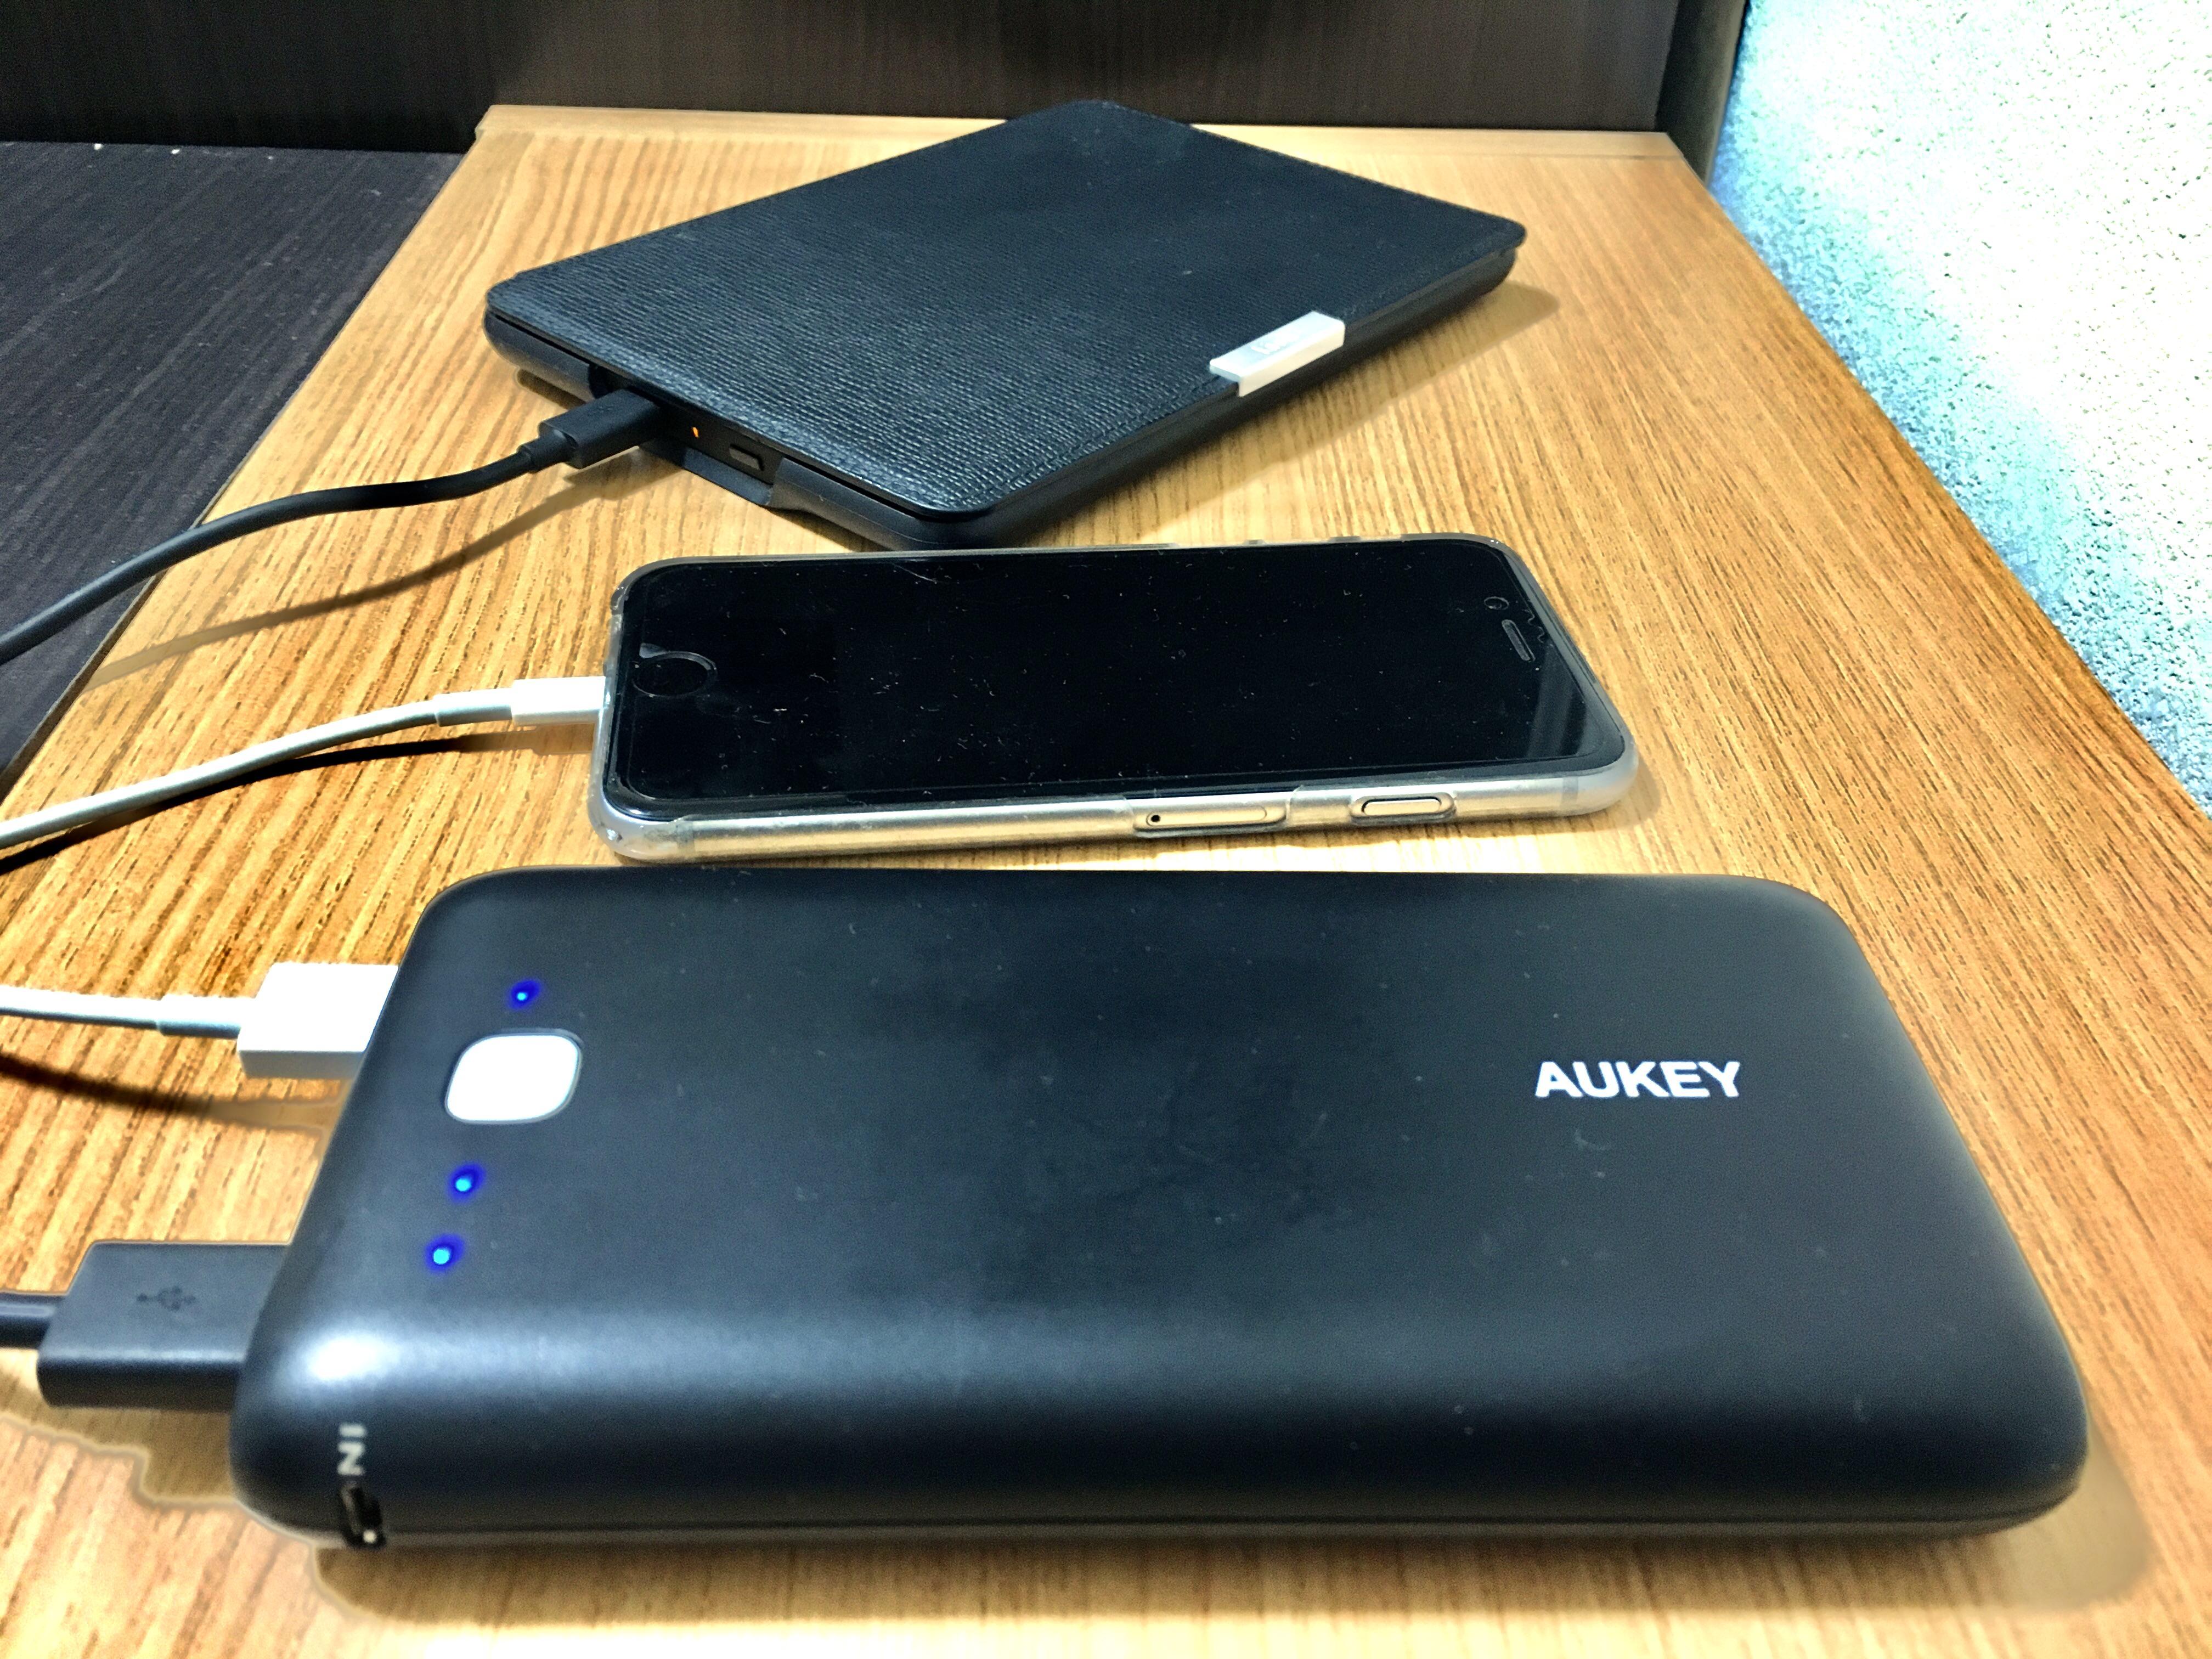 海外旅行に必要なモバイルバッテリー。おすすめのモデルはAUKEYのPB-N15。